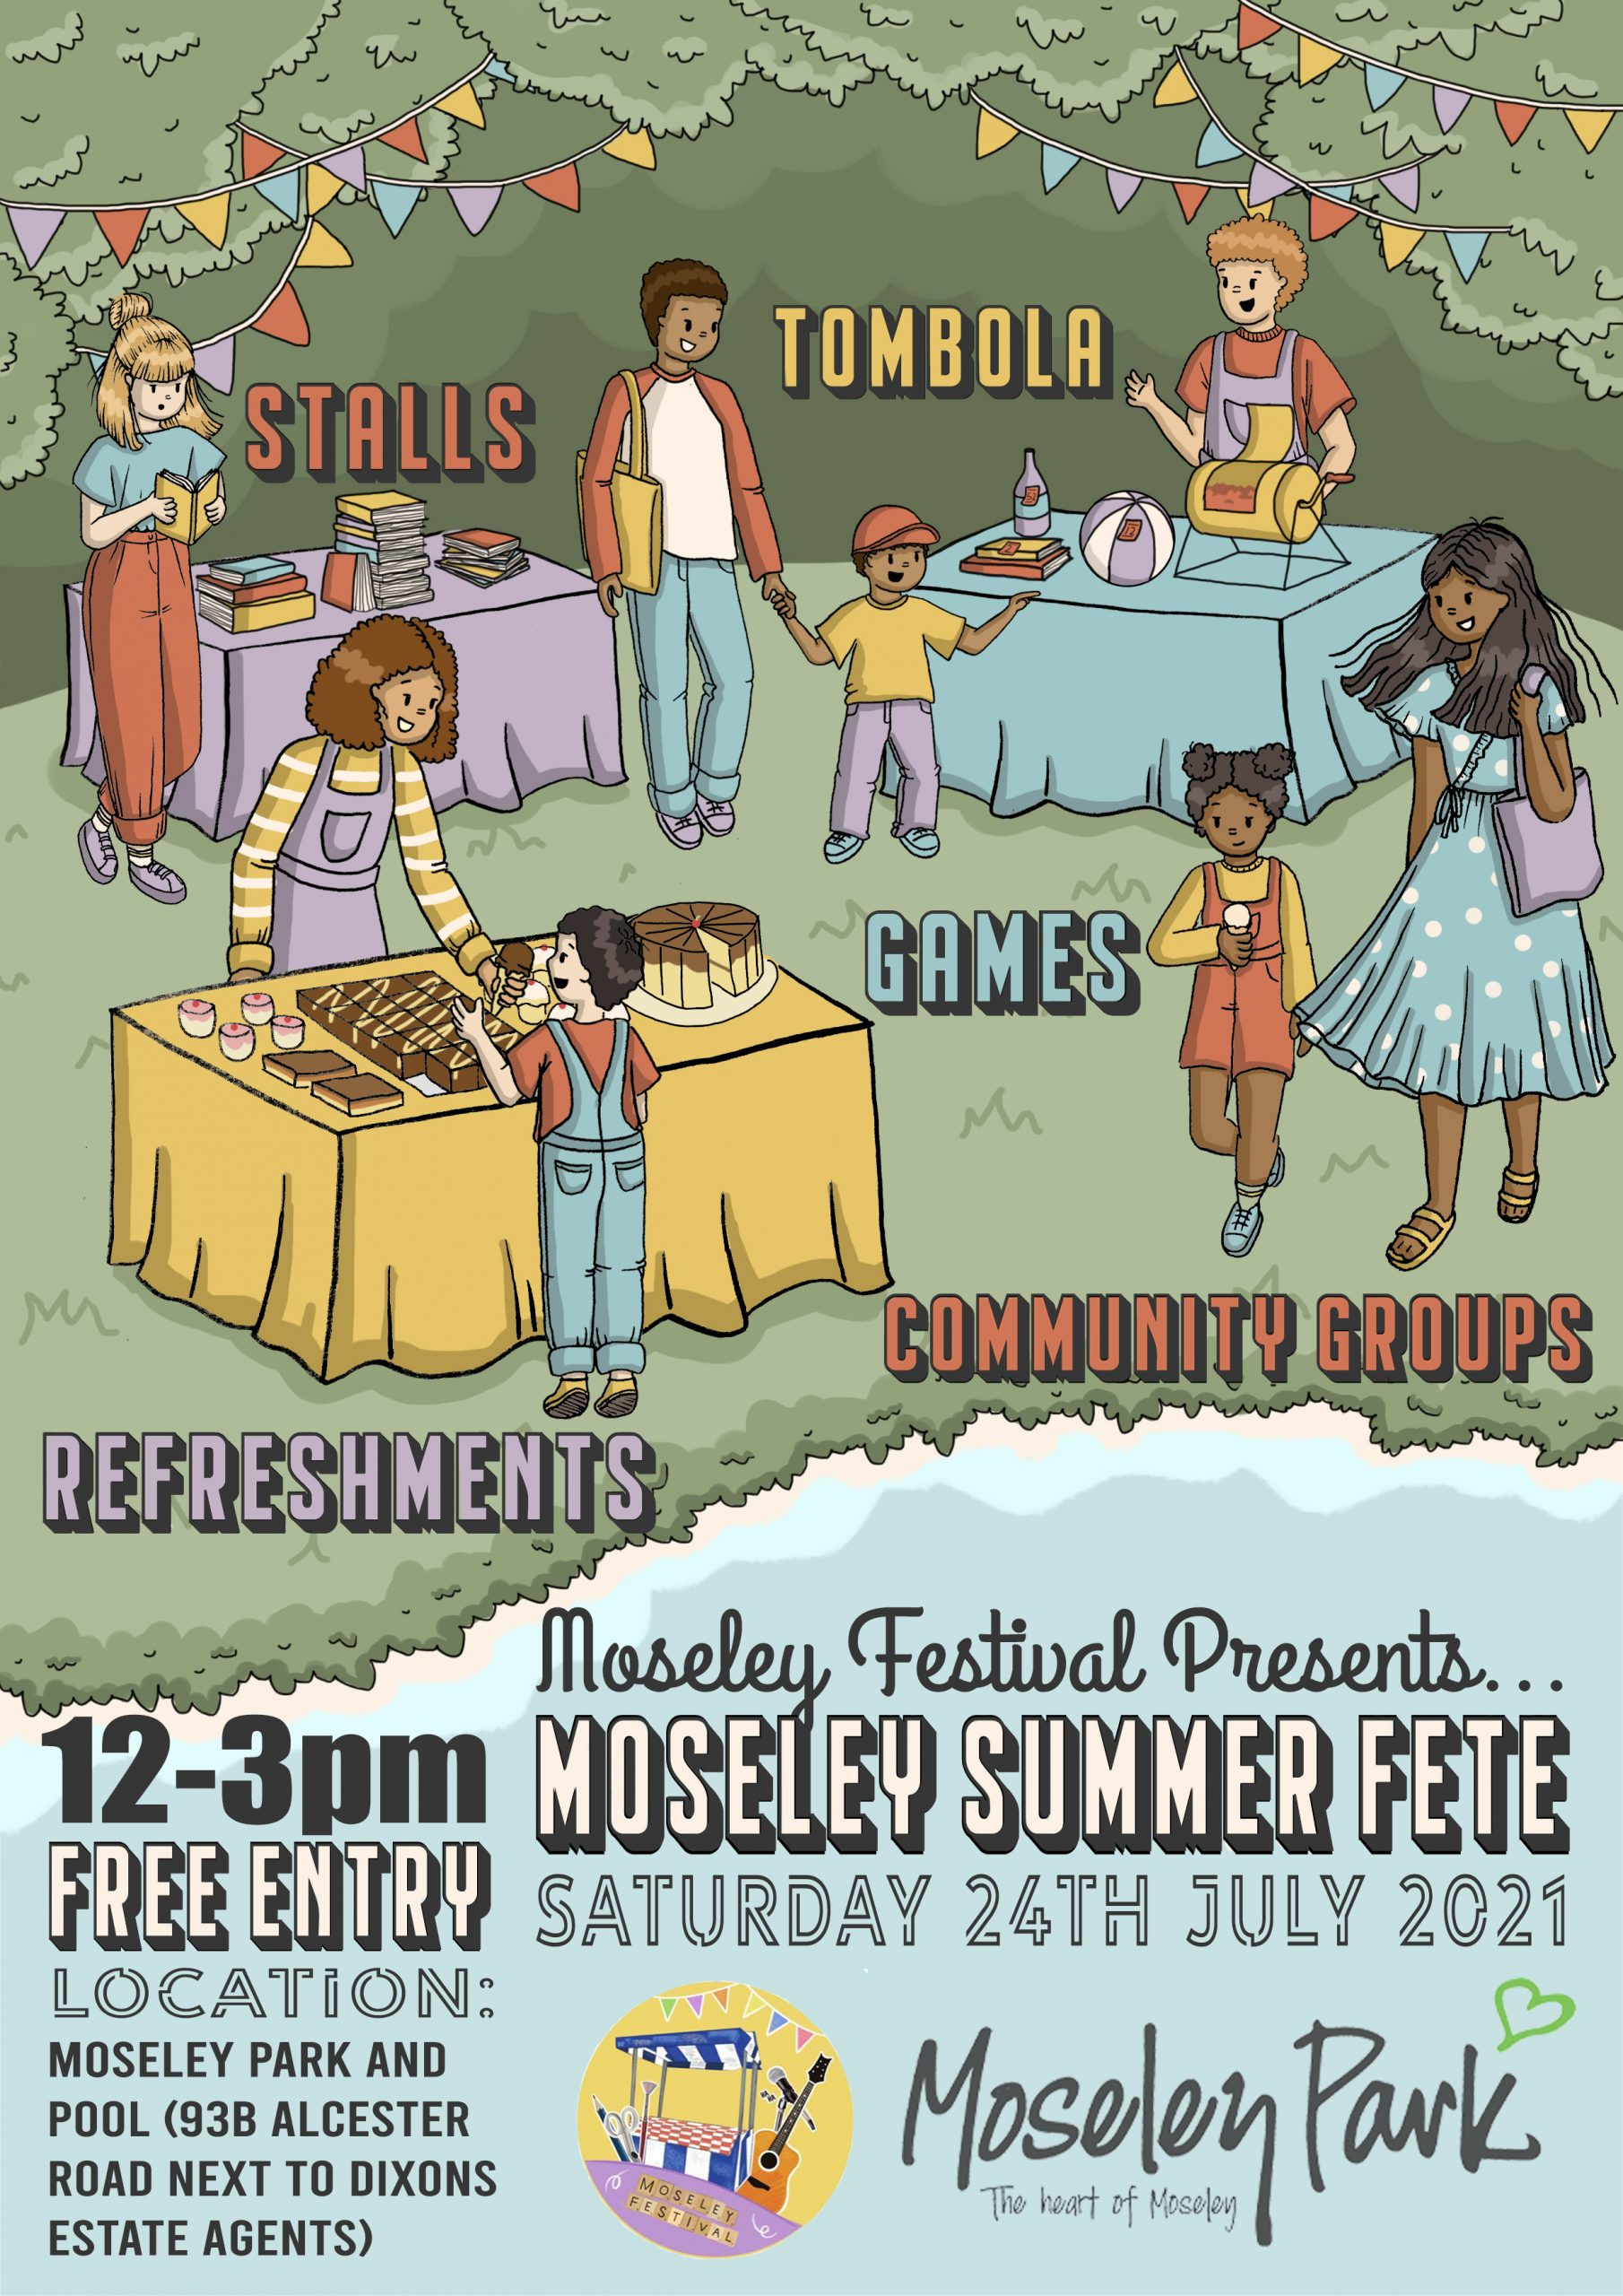 Moseley Festival Summer Fete